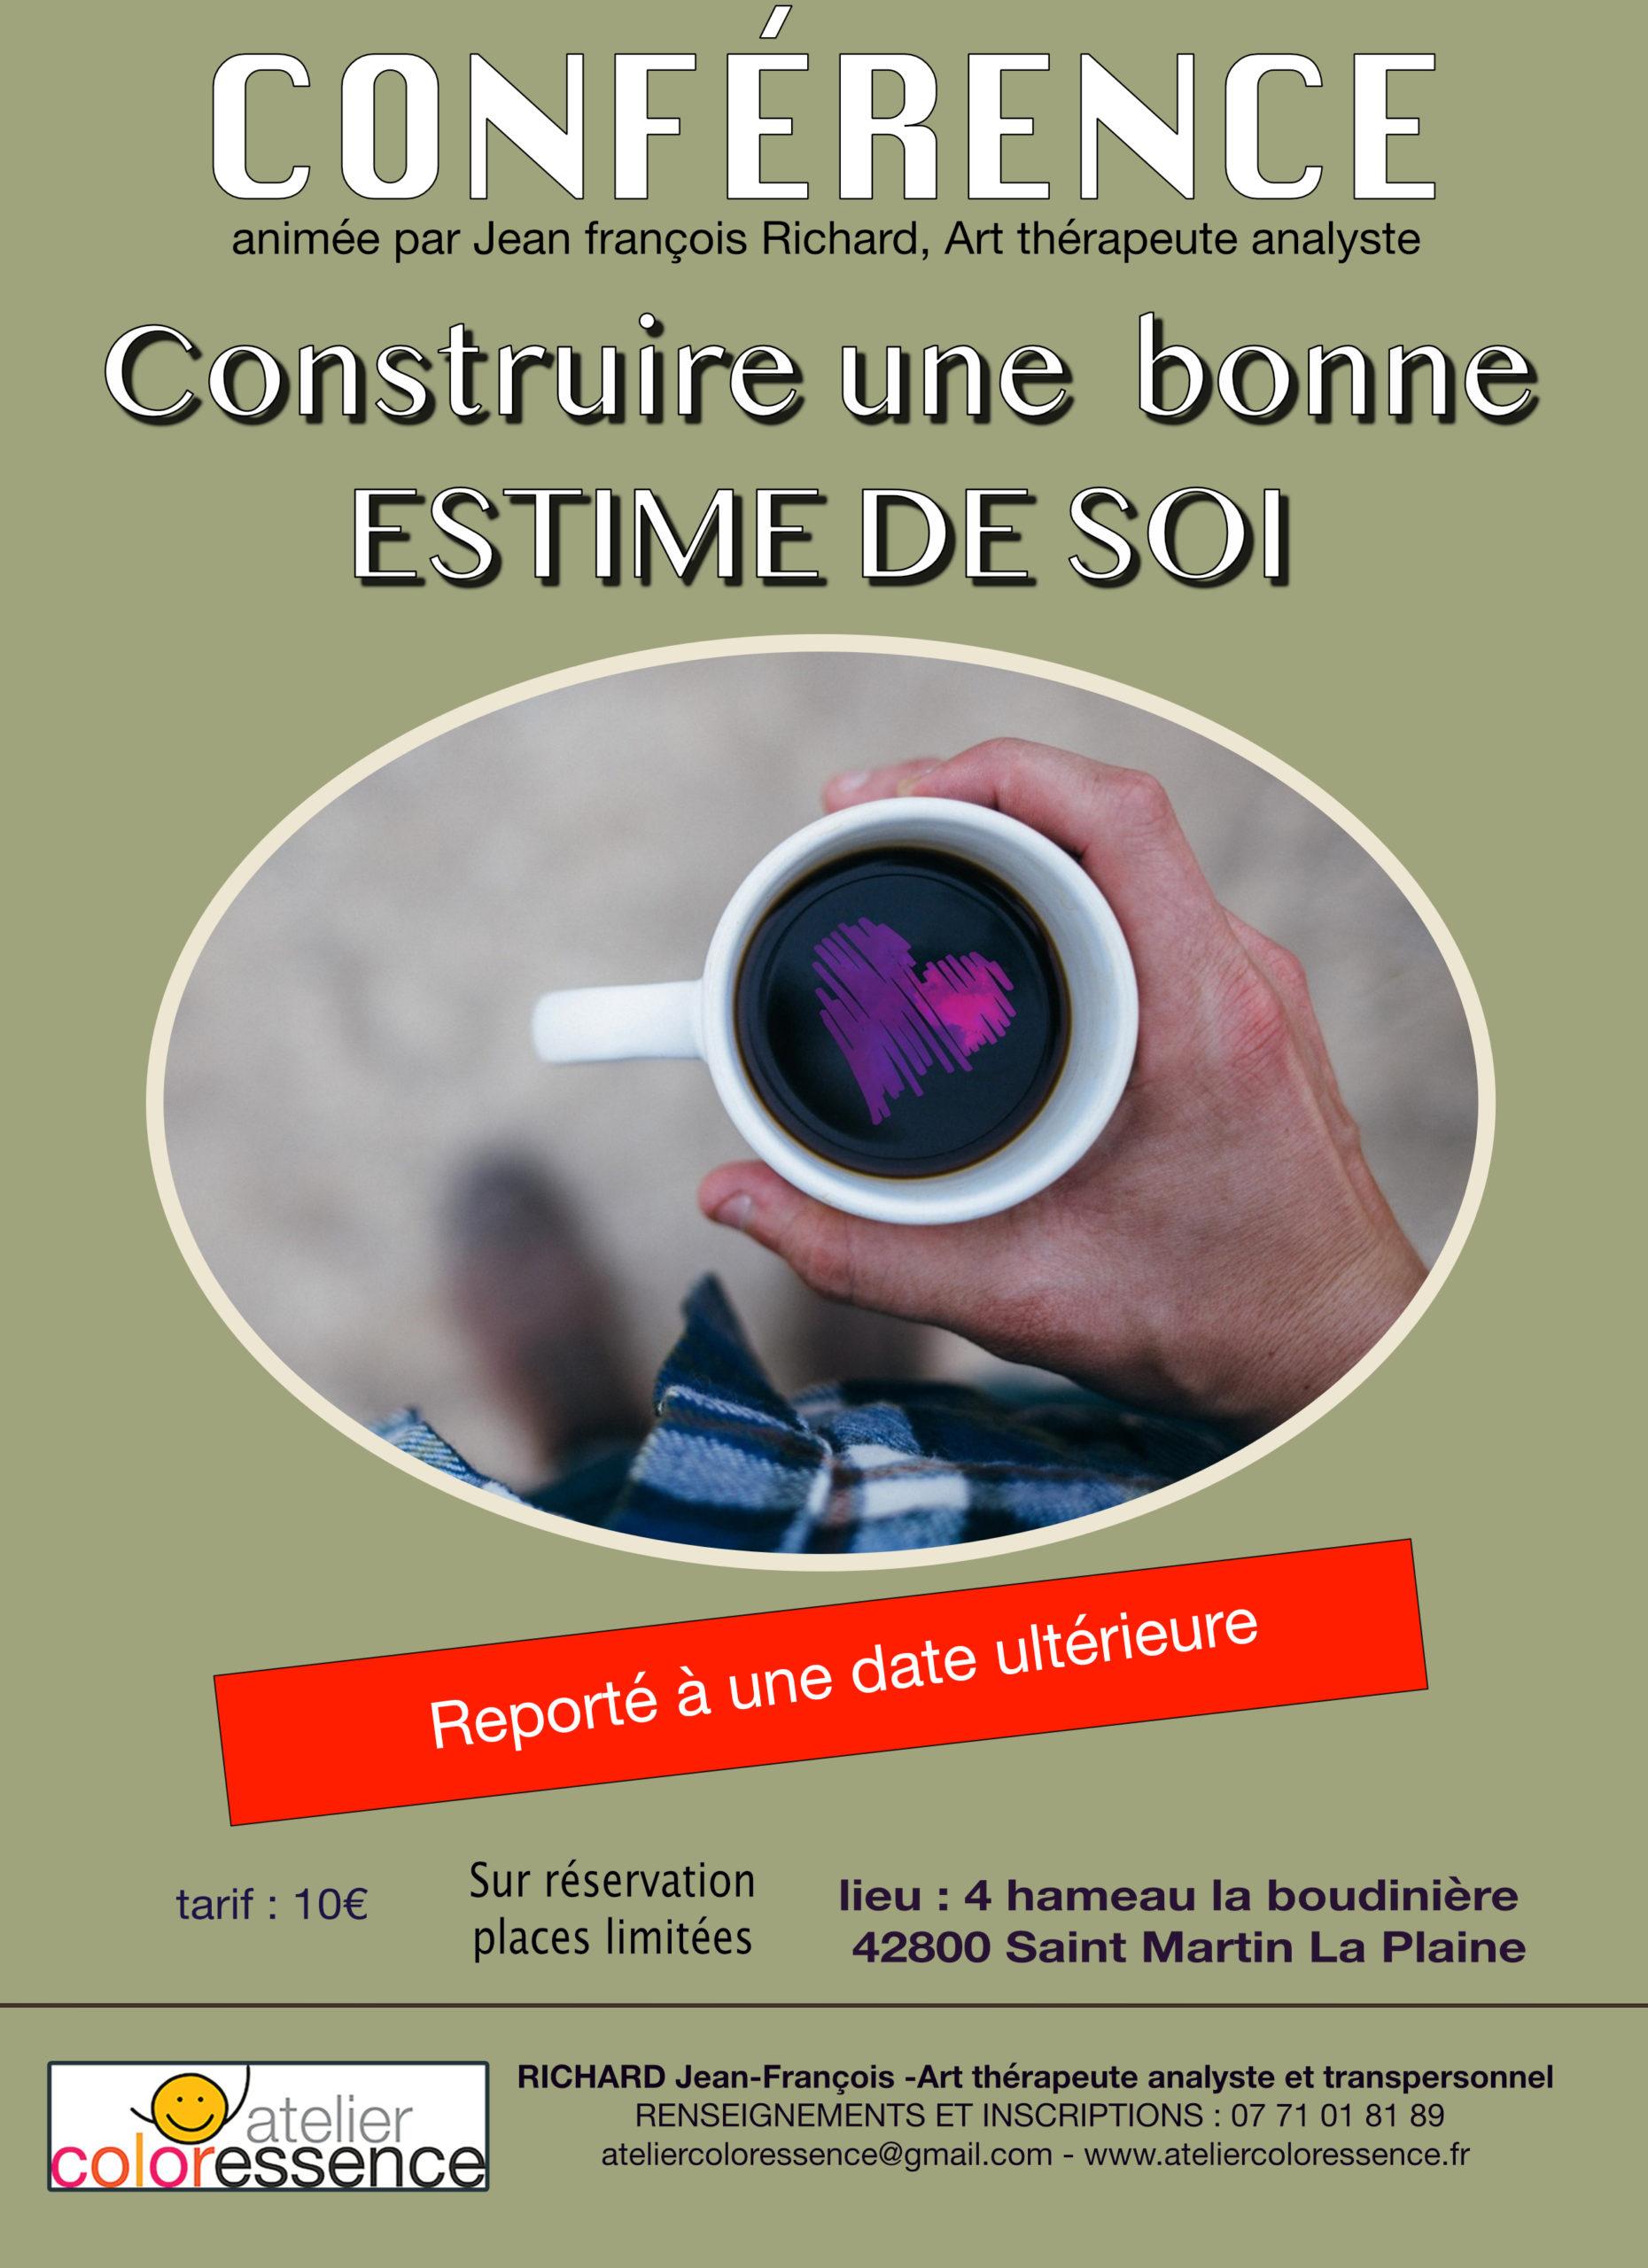 construire une bonne estime de soi - Conférence Atelier Coloressence Saint Martin la Plaine